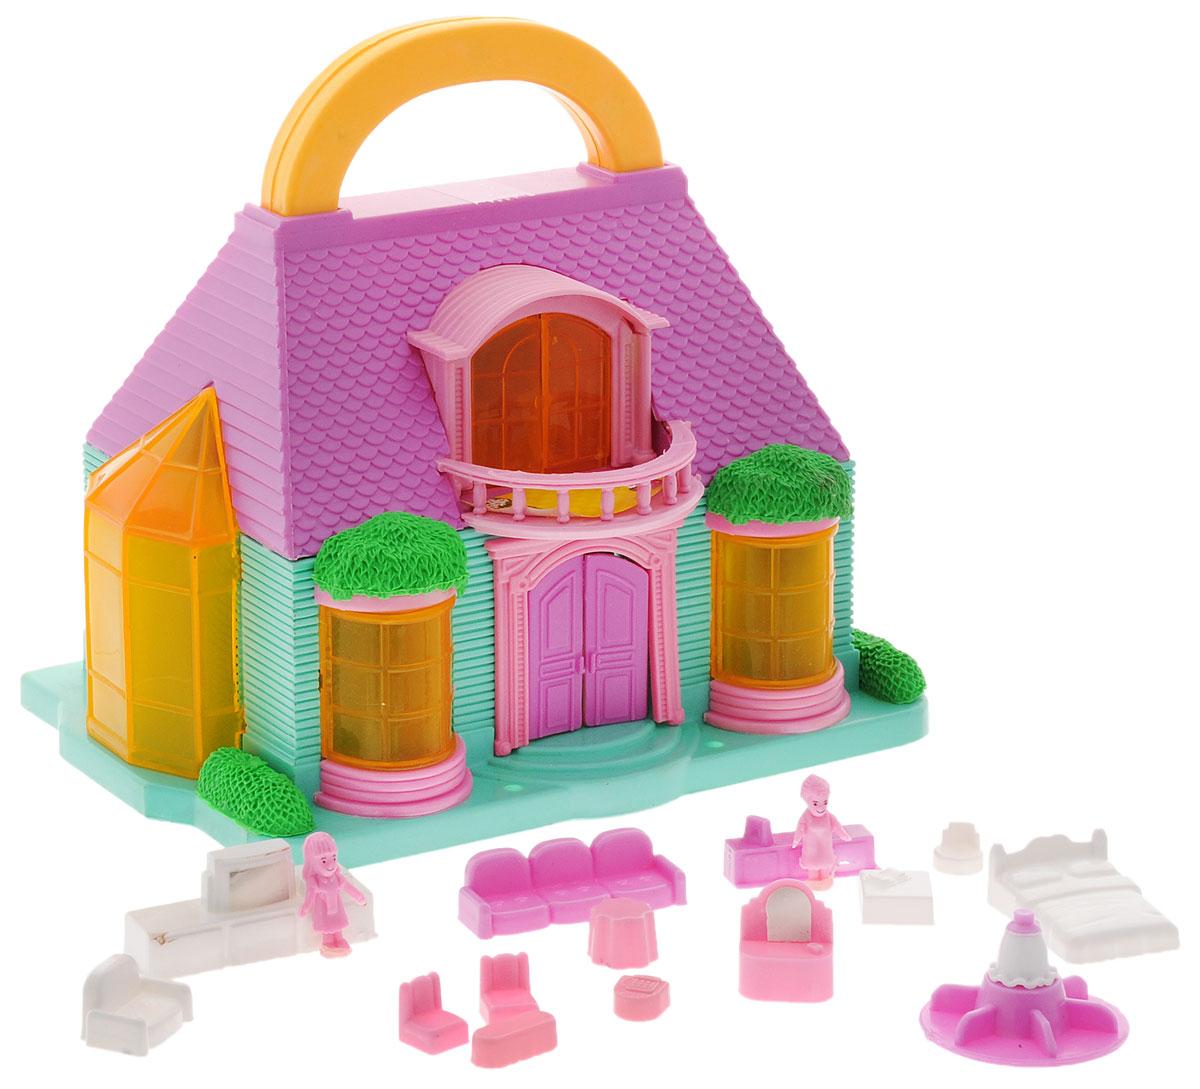 Дом для кукол ABtoys, в ассортиментеPT-00228Домик для кукол ABtoys с удобной ручкой для переноски просто необходим для веселой жизни ваших мини-куколок!В наборе имеется множество аксессуаров, которыми можно обустроить жилище. Набор поможет детям представить себя в роли дизайнера, занимающегося обстановкой и декором домика для любимой куколки, а также станет главным атрибутом для увлекательных сюжетно-ролевых игр.Набор выполнен из качественного и безопасного материала. Уважаемые клиенты! Обращаем ваше внимание на возможные изменения в цветовом дизайне, связанные с ассортиментом продукции. Поставка осуществляется в зависимости от наличия на складе.